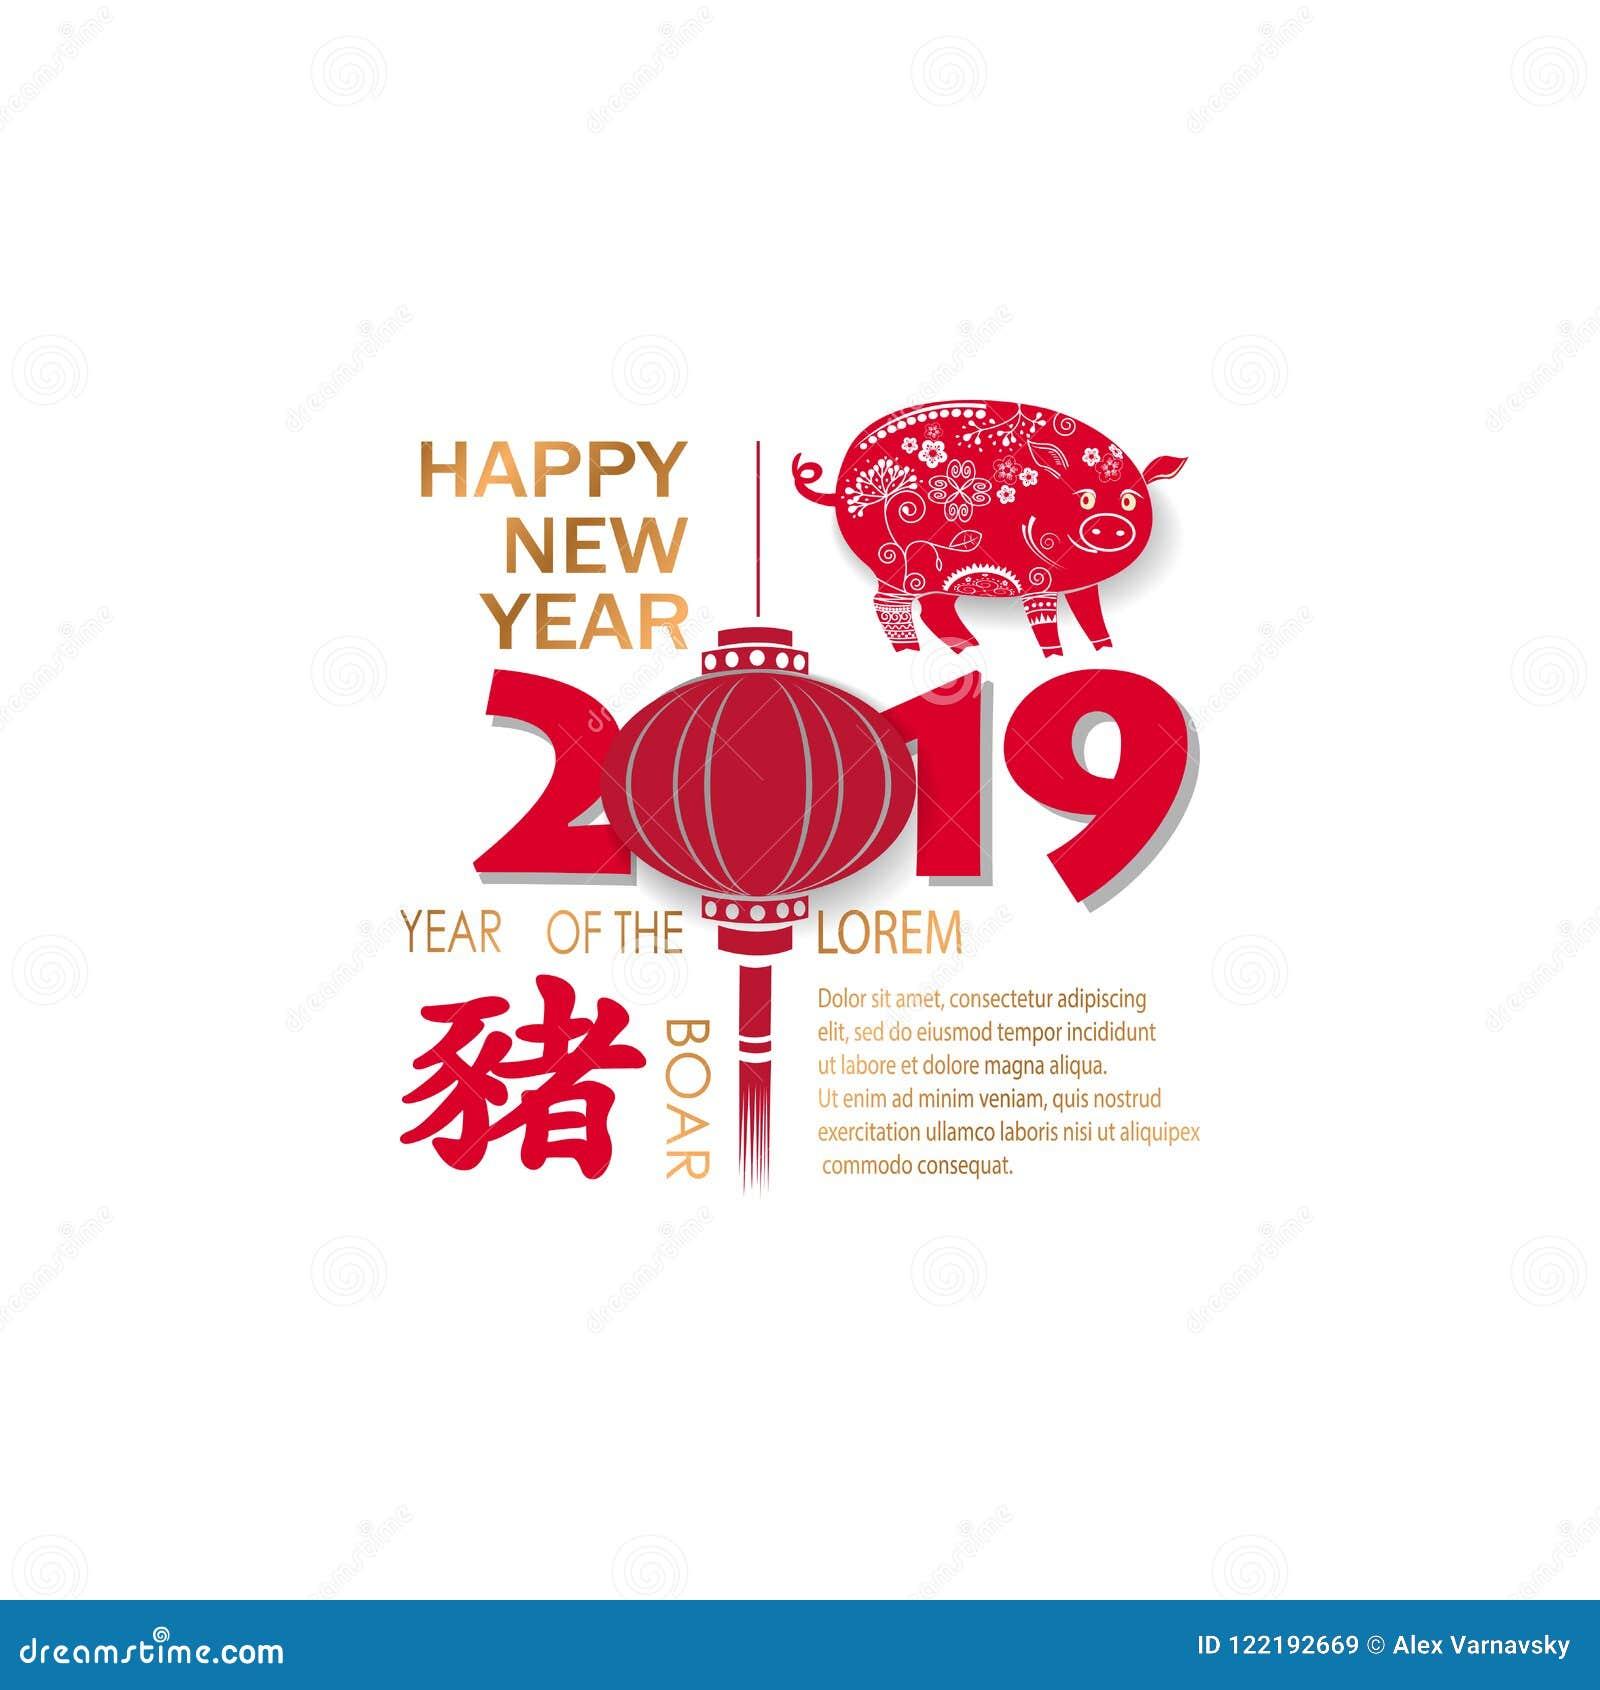 Stilisiertes Wunsch guten Rutsch ins Neue Jahr 2019 Jahr des Ebers Chinesisches Übersetzung Schwein